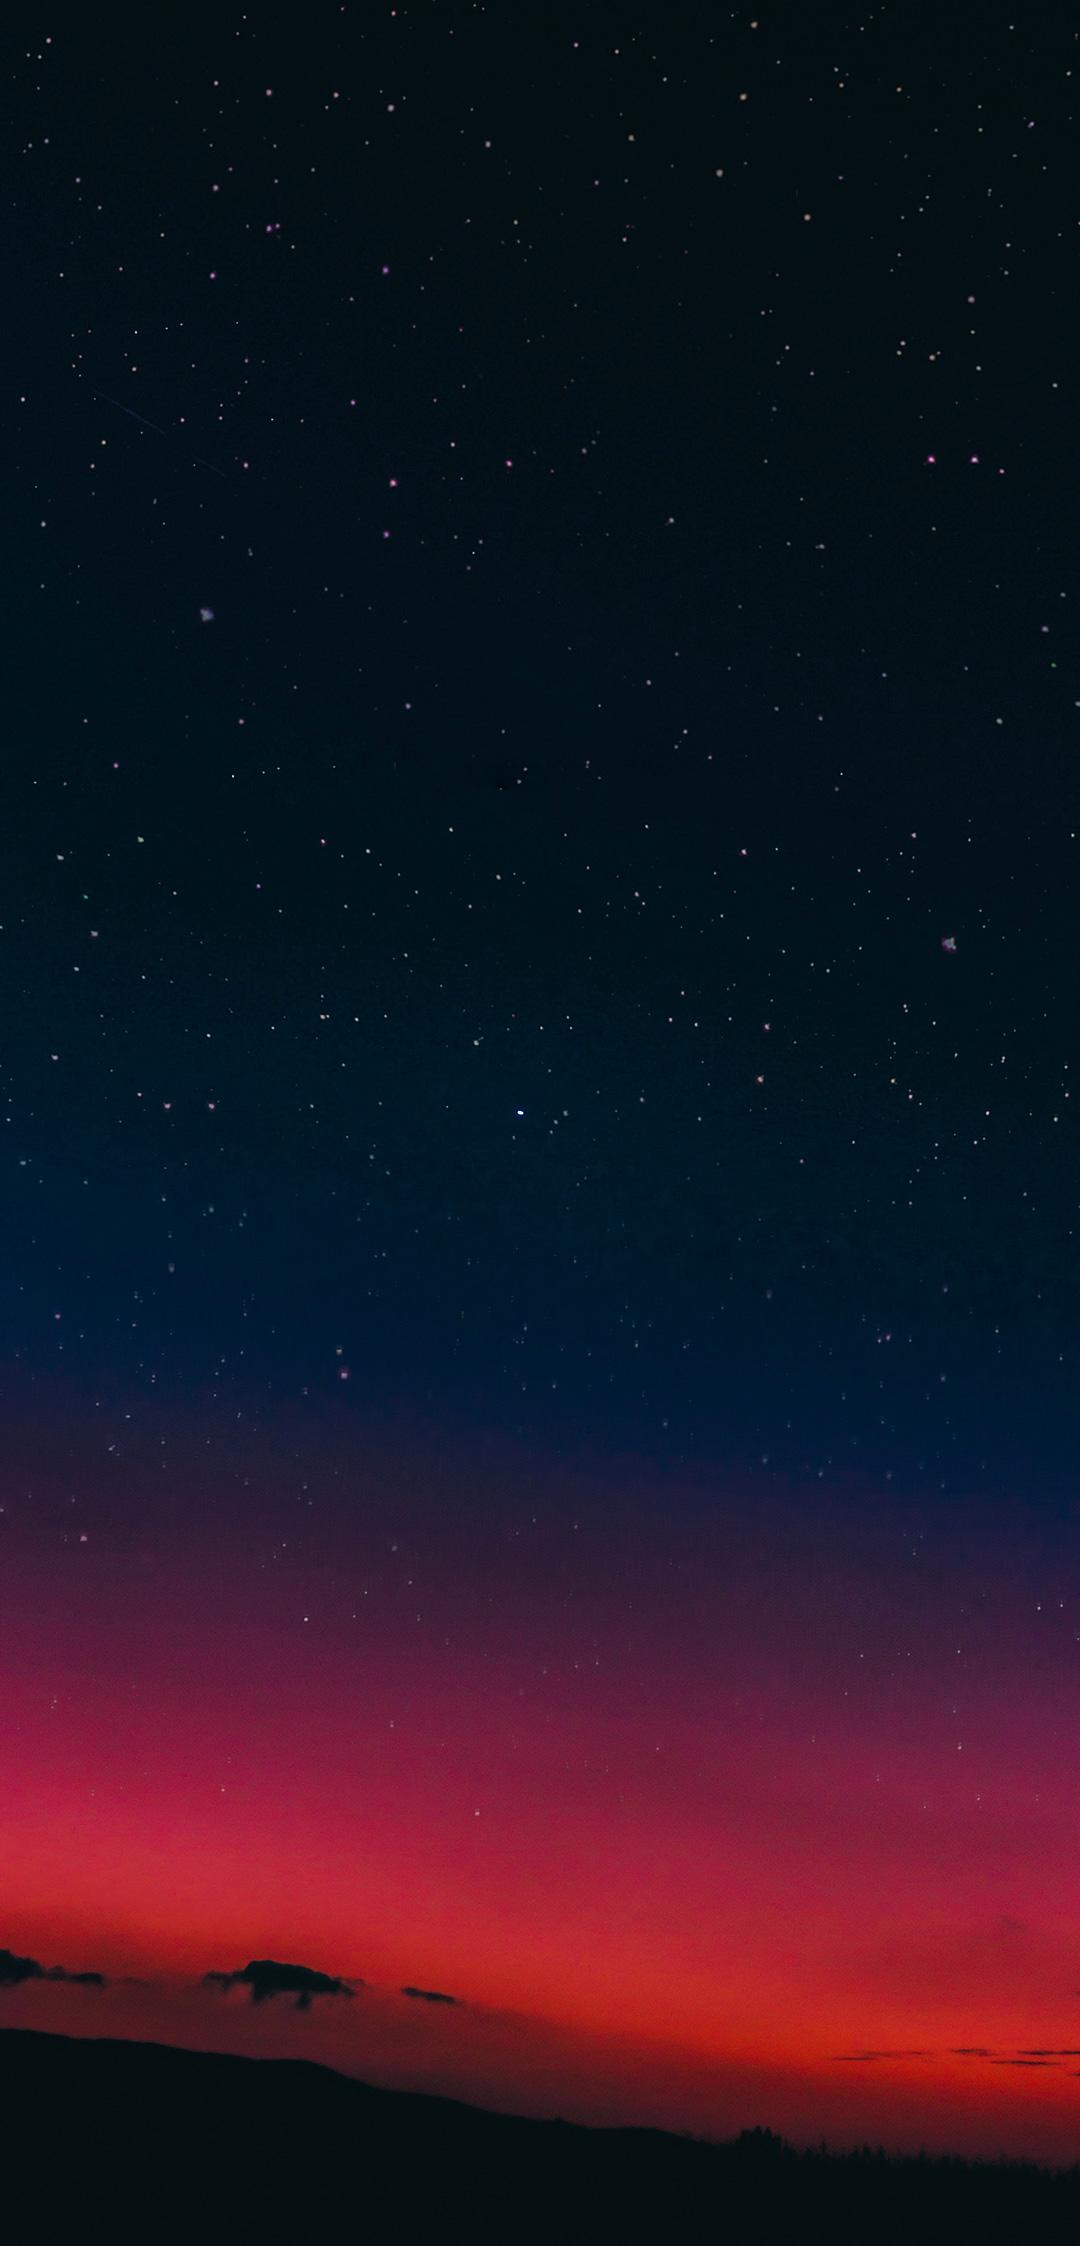 Cách mang Launcher mặc định của Poco F1 lên mọi smartphone Xiaomi